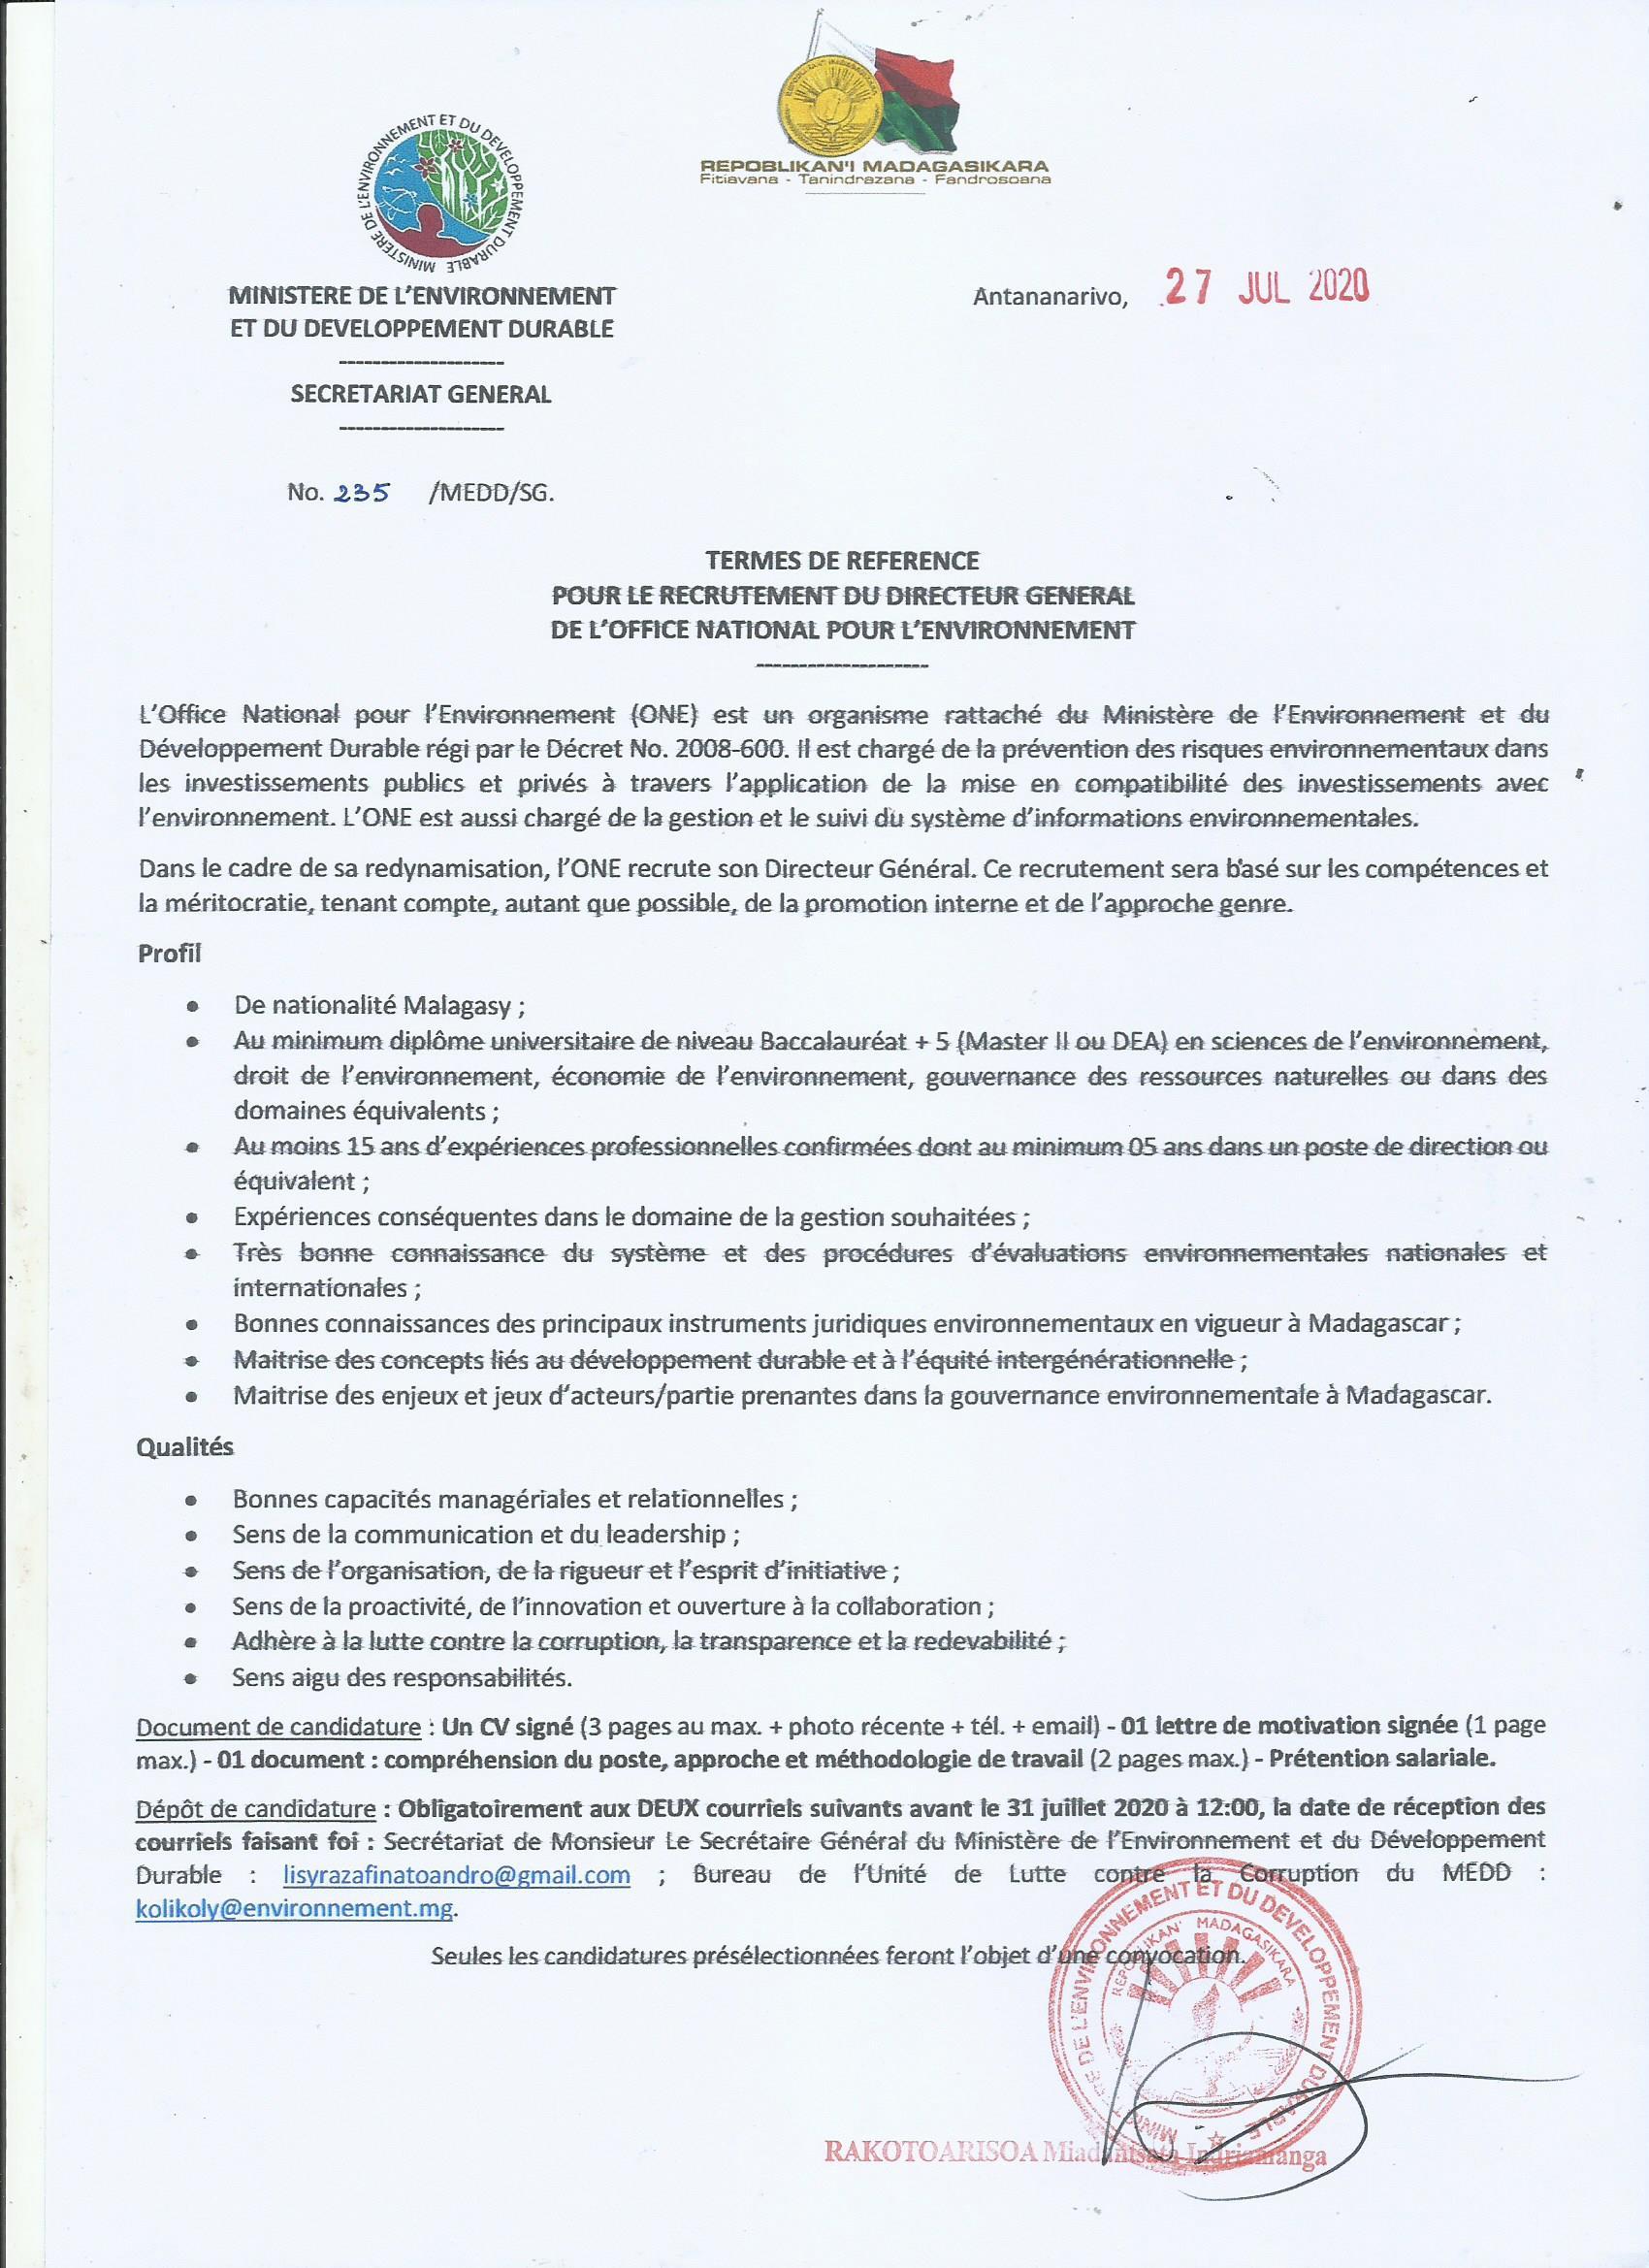 Termes de référence pour le recrutement du Directeur Général de l'Office National pour l'Environnement